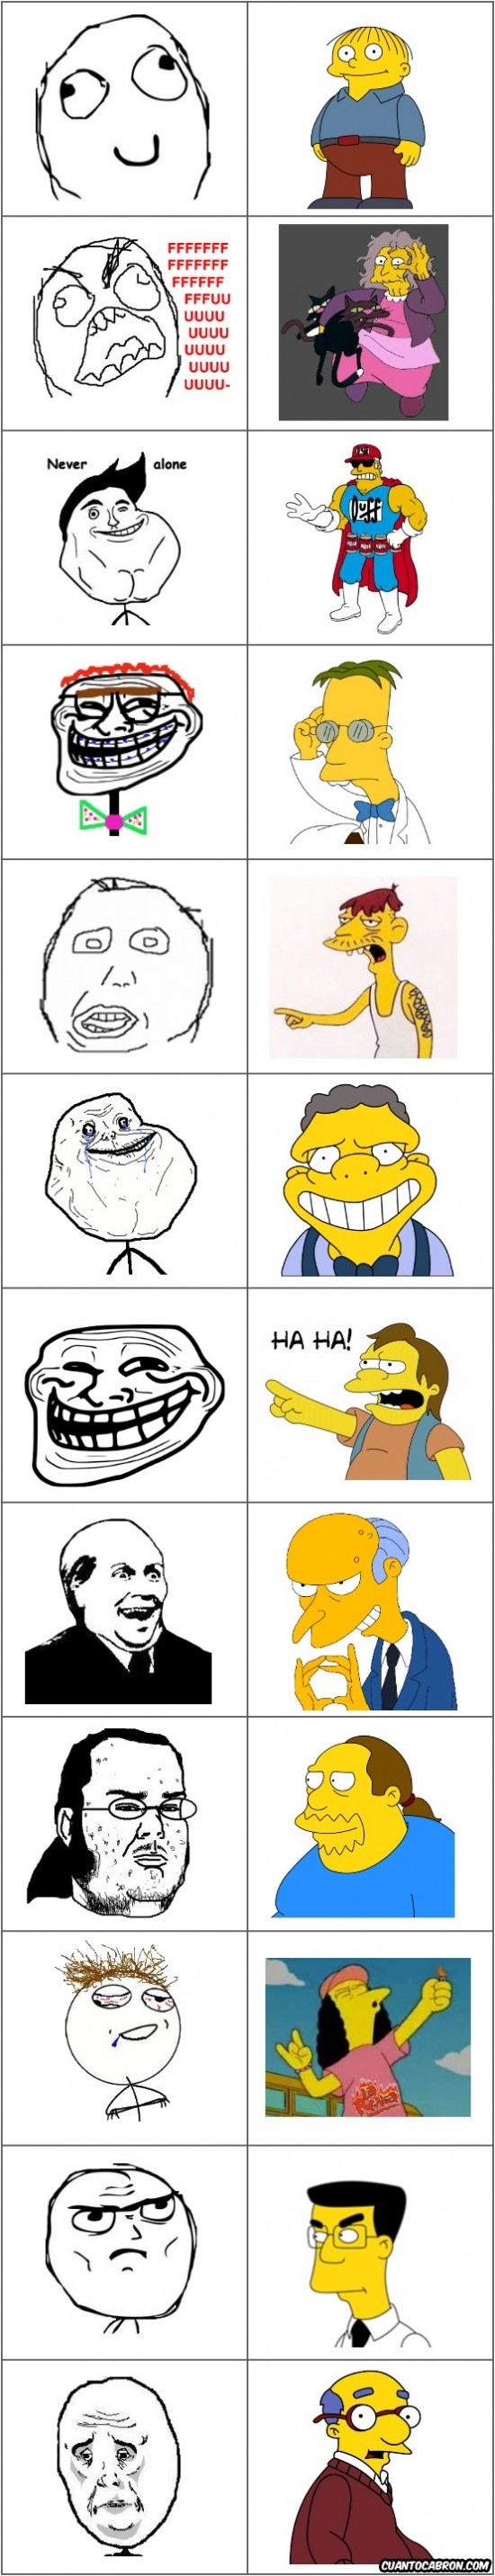 Mix - ¿Qué memes se adaptan más a los personajes de los Simpson?